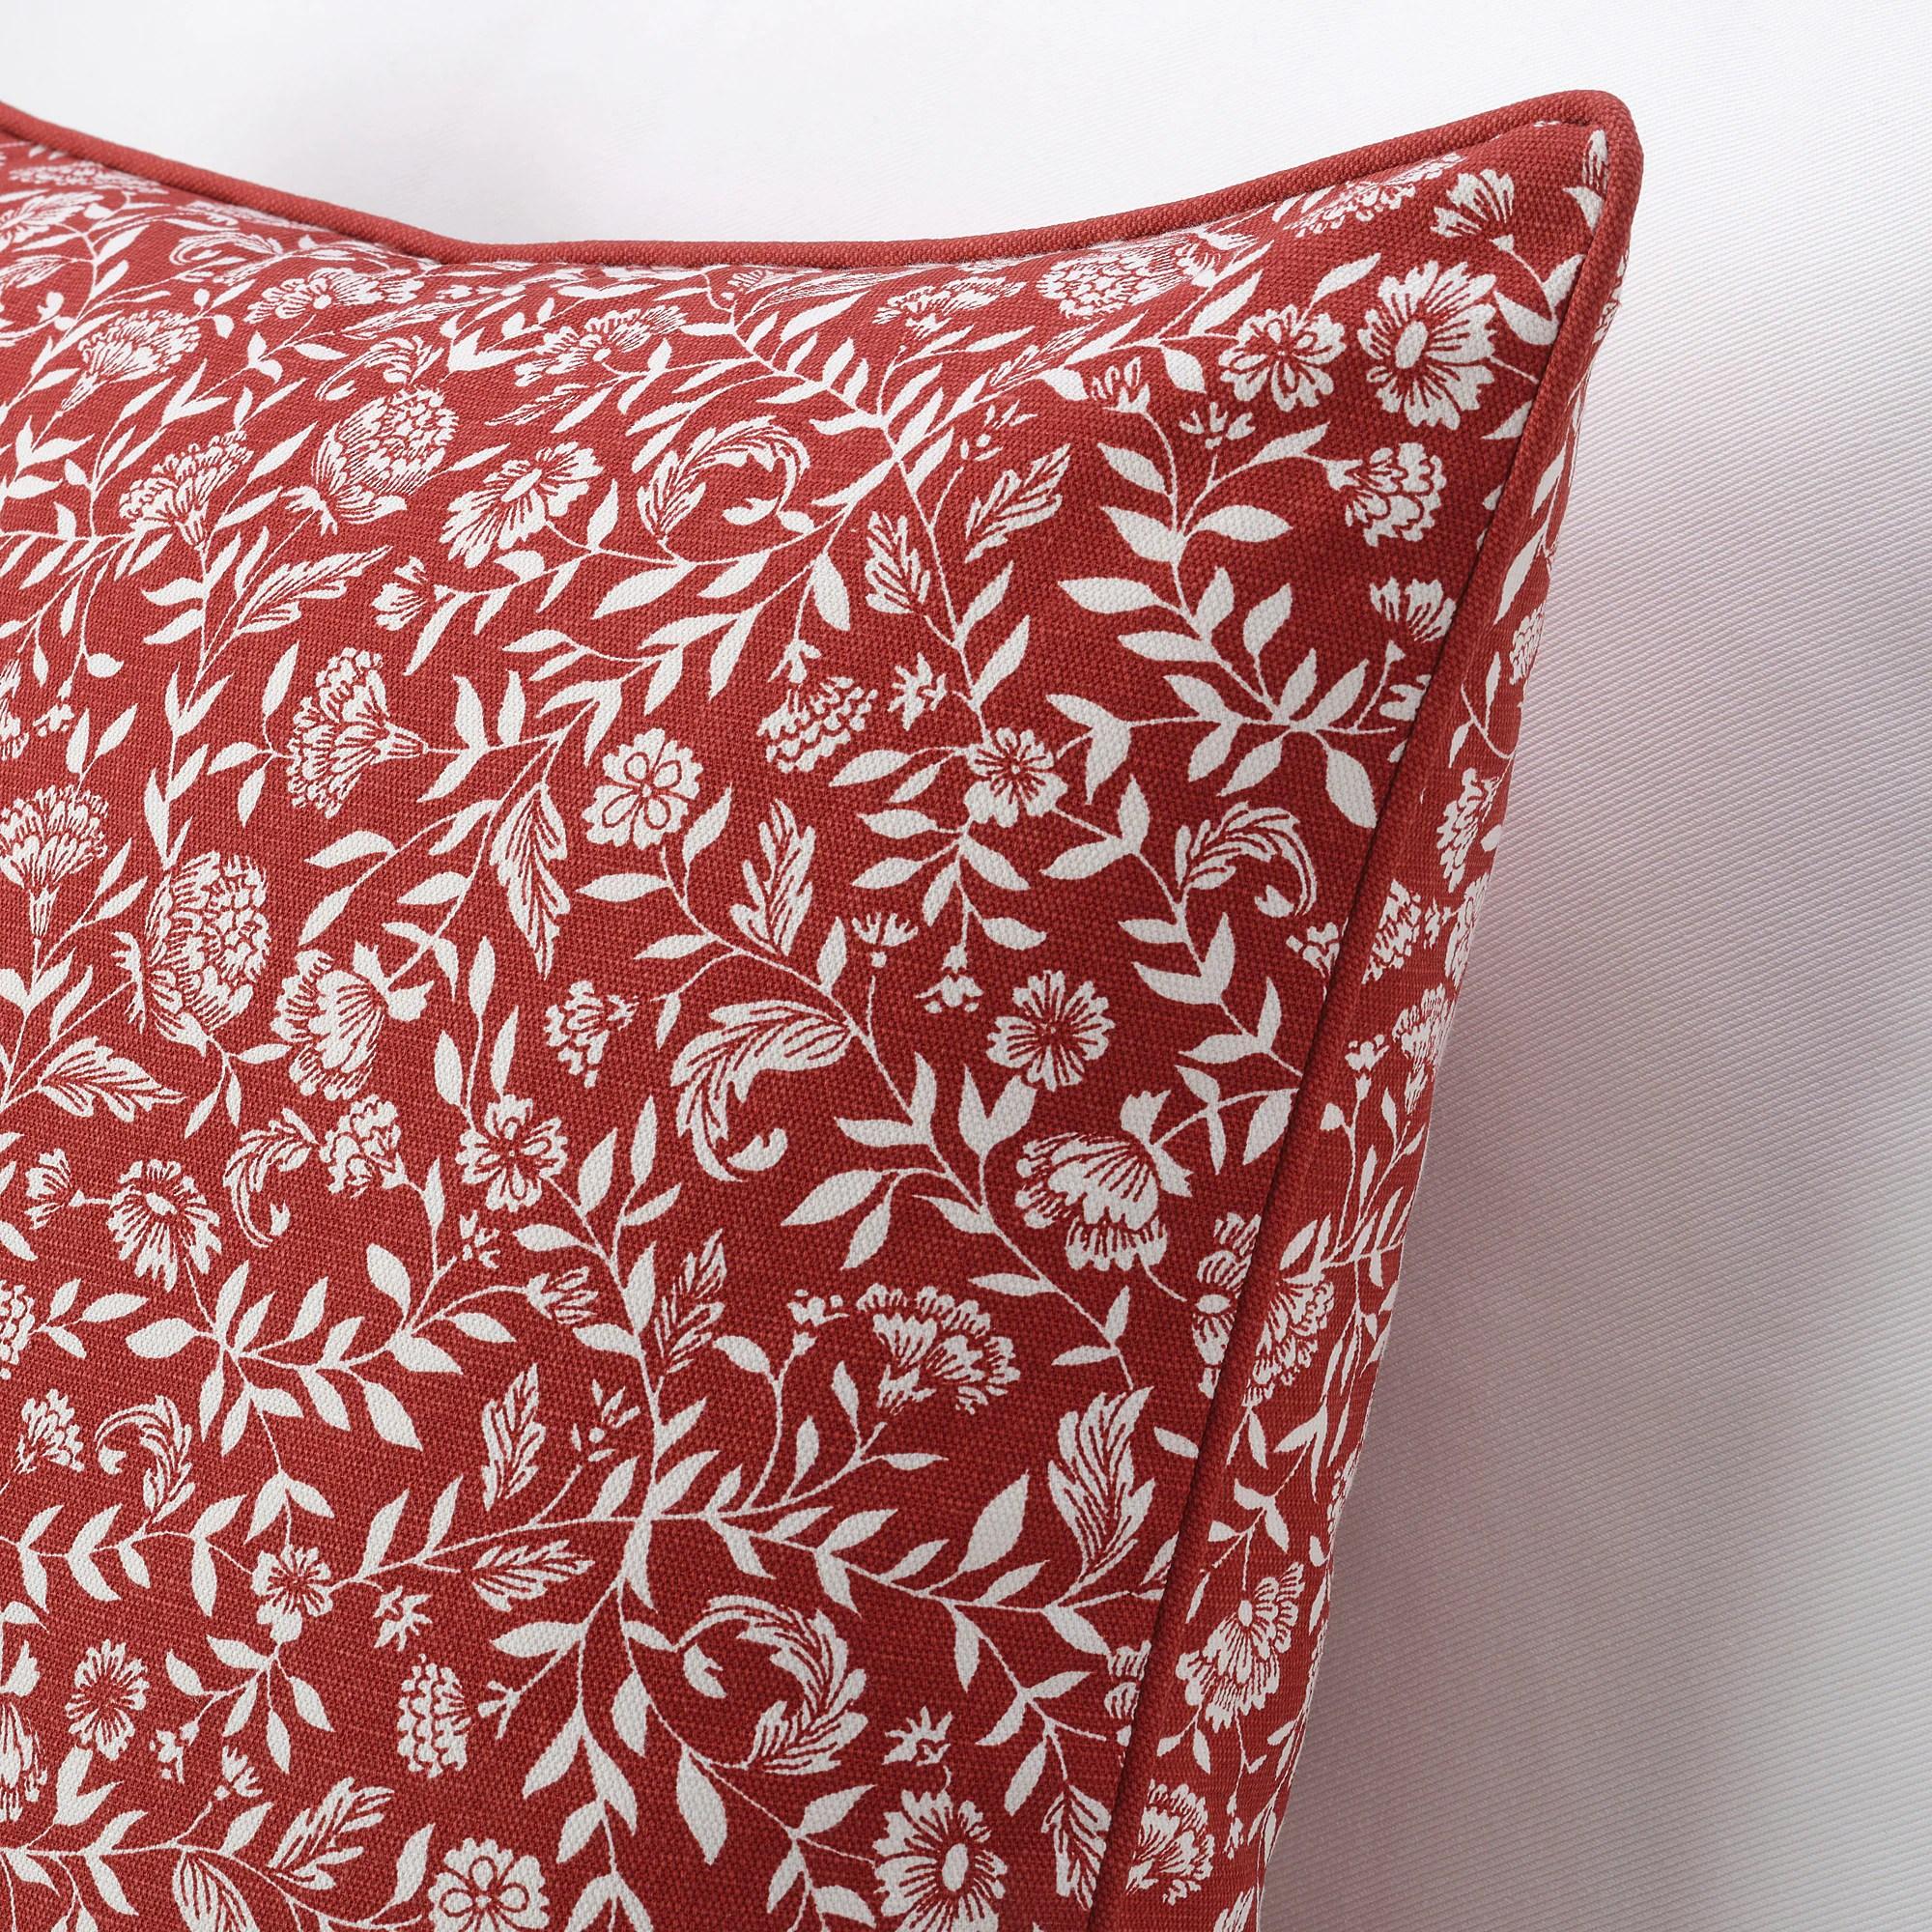 evalouise housse de coussin rouge blanc a motif floral 50x50 cm